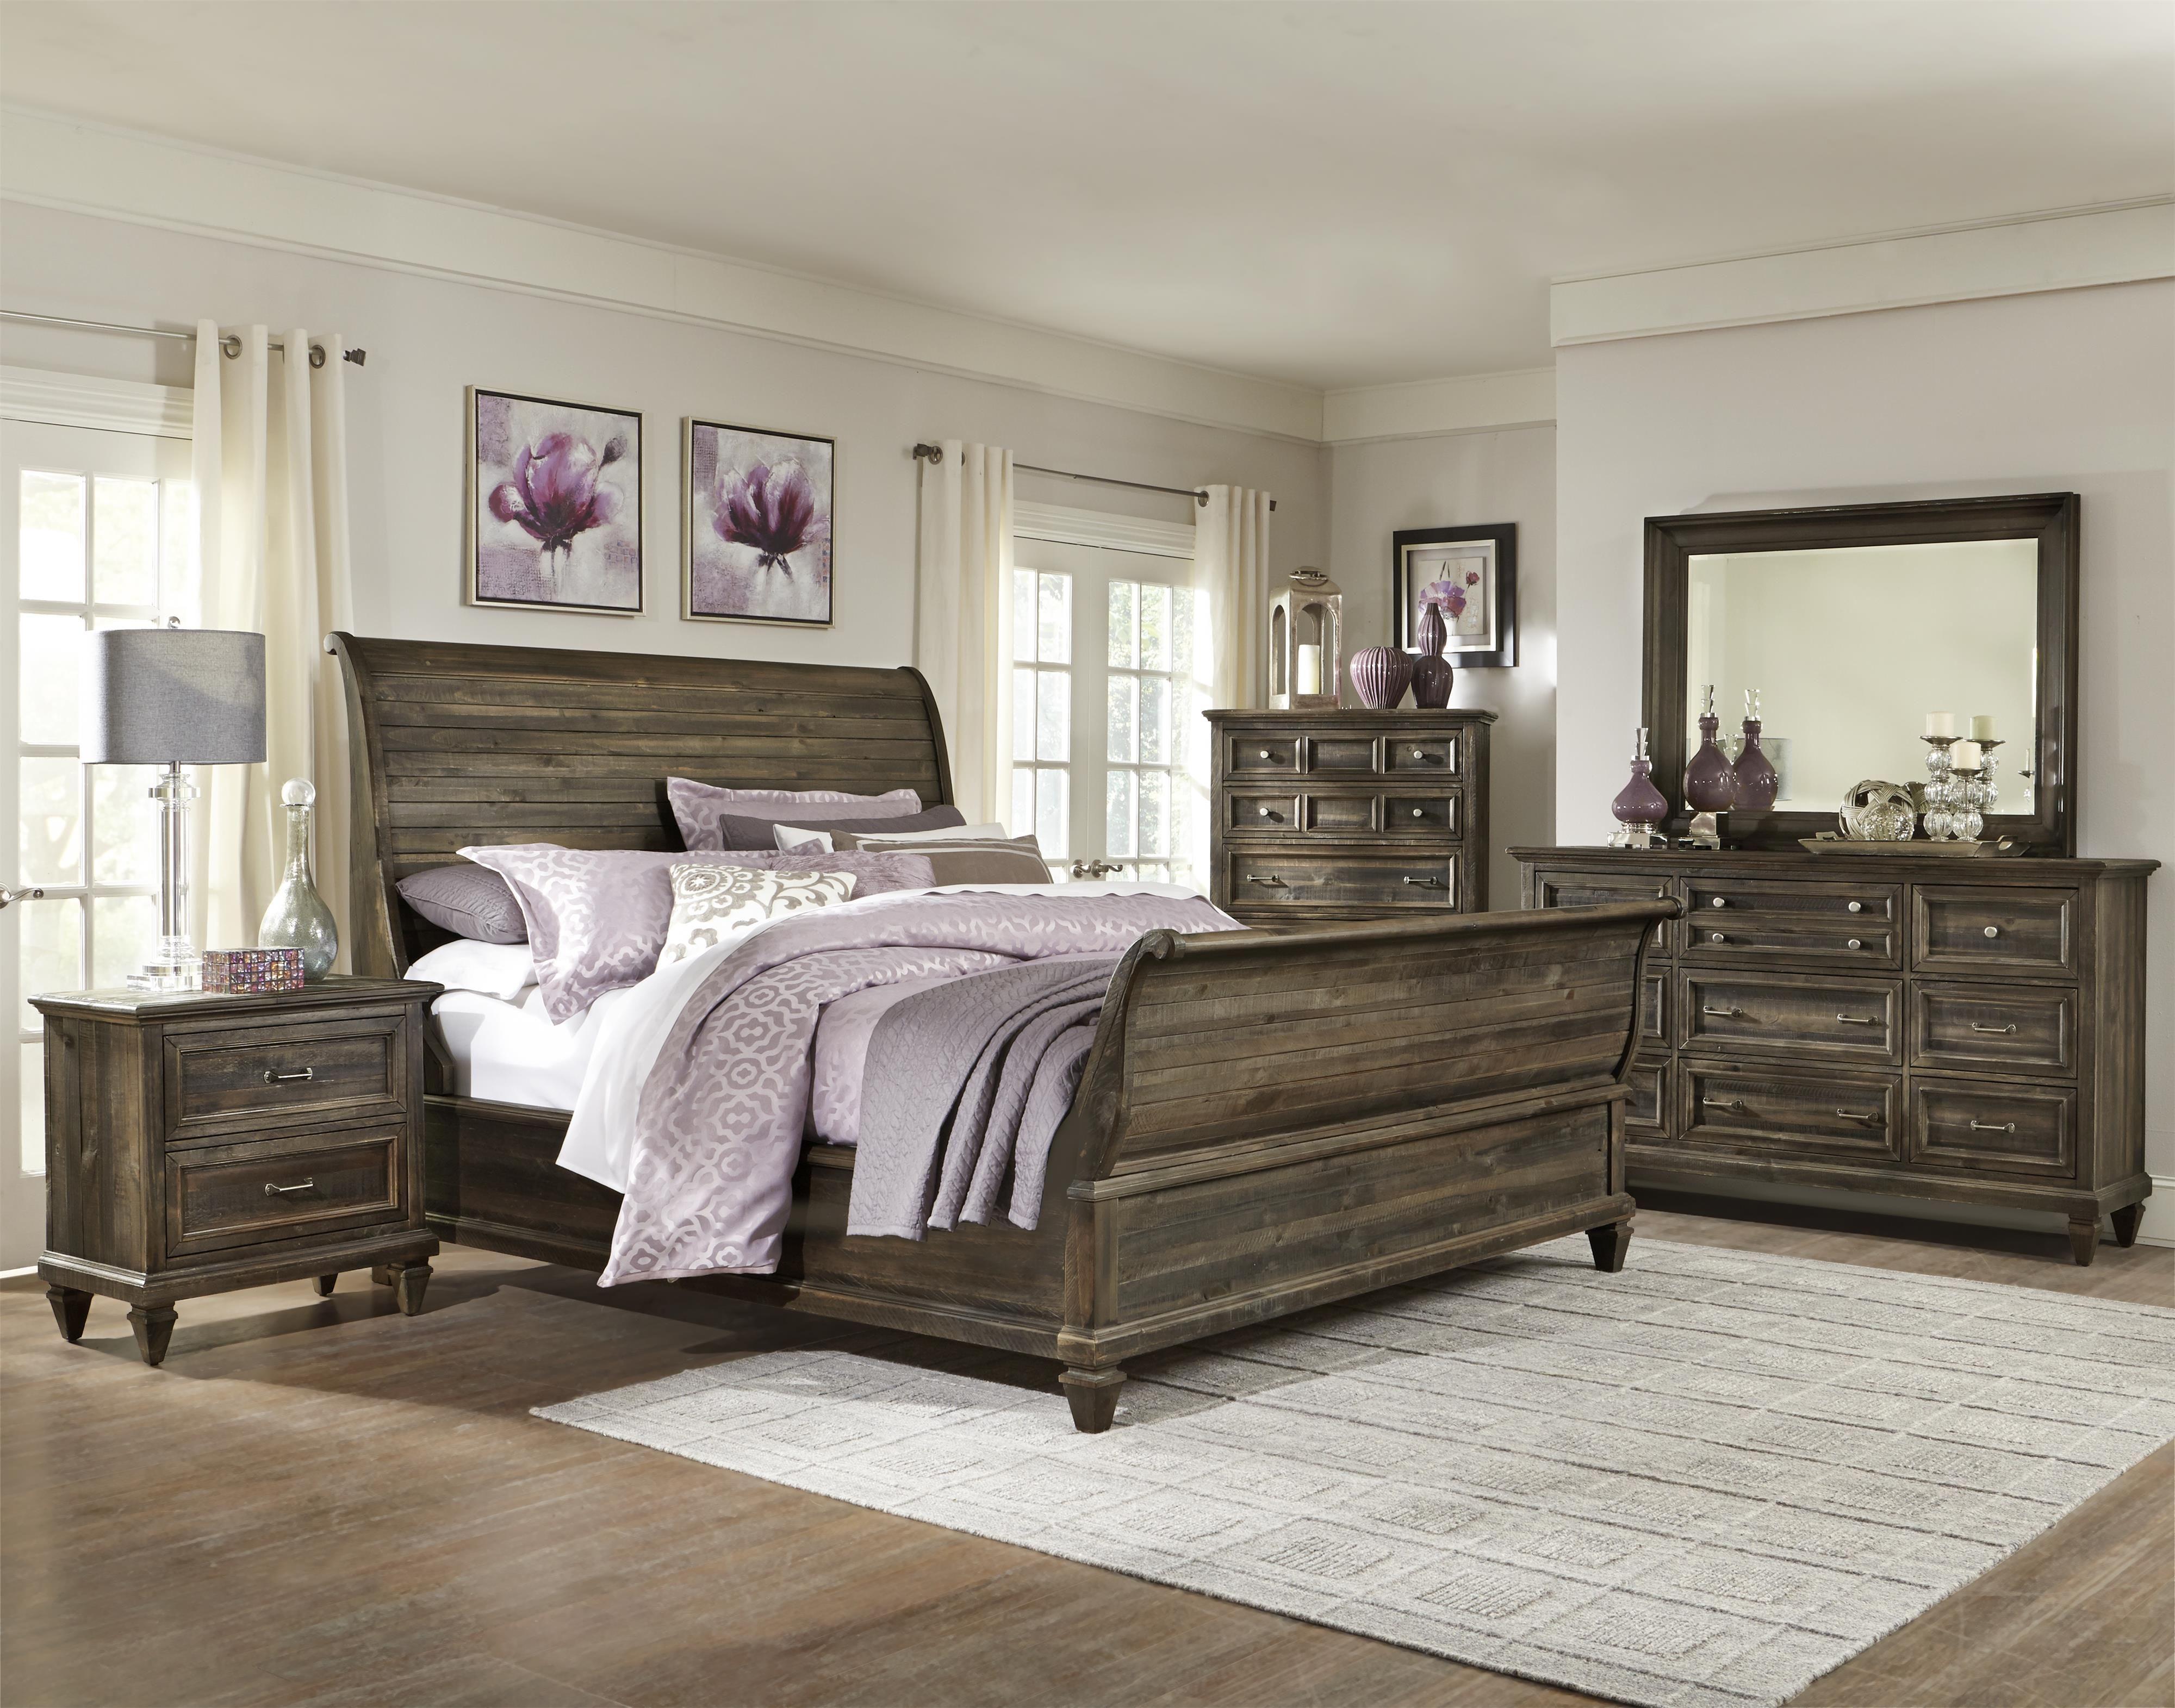 Calistoga King Bedroom Groupmagnussen Home At Becku0027s Furniture Interesting Magnussen  Bedroom Furniture Inspiration